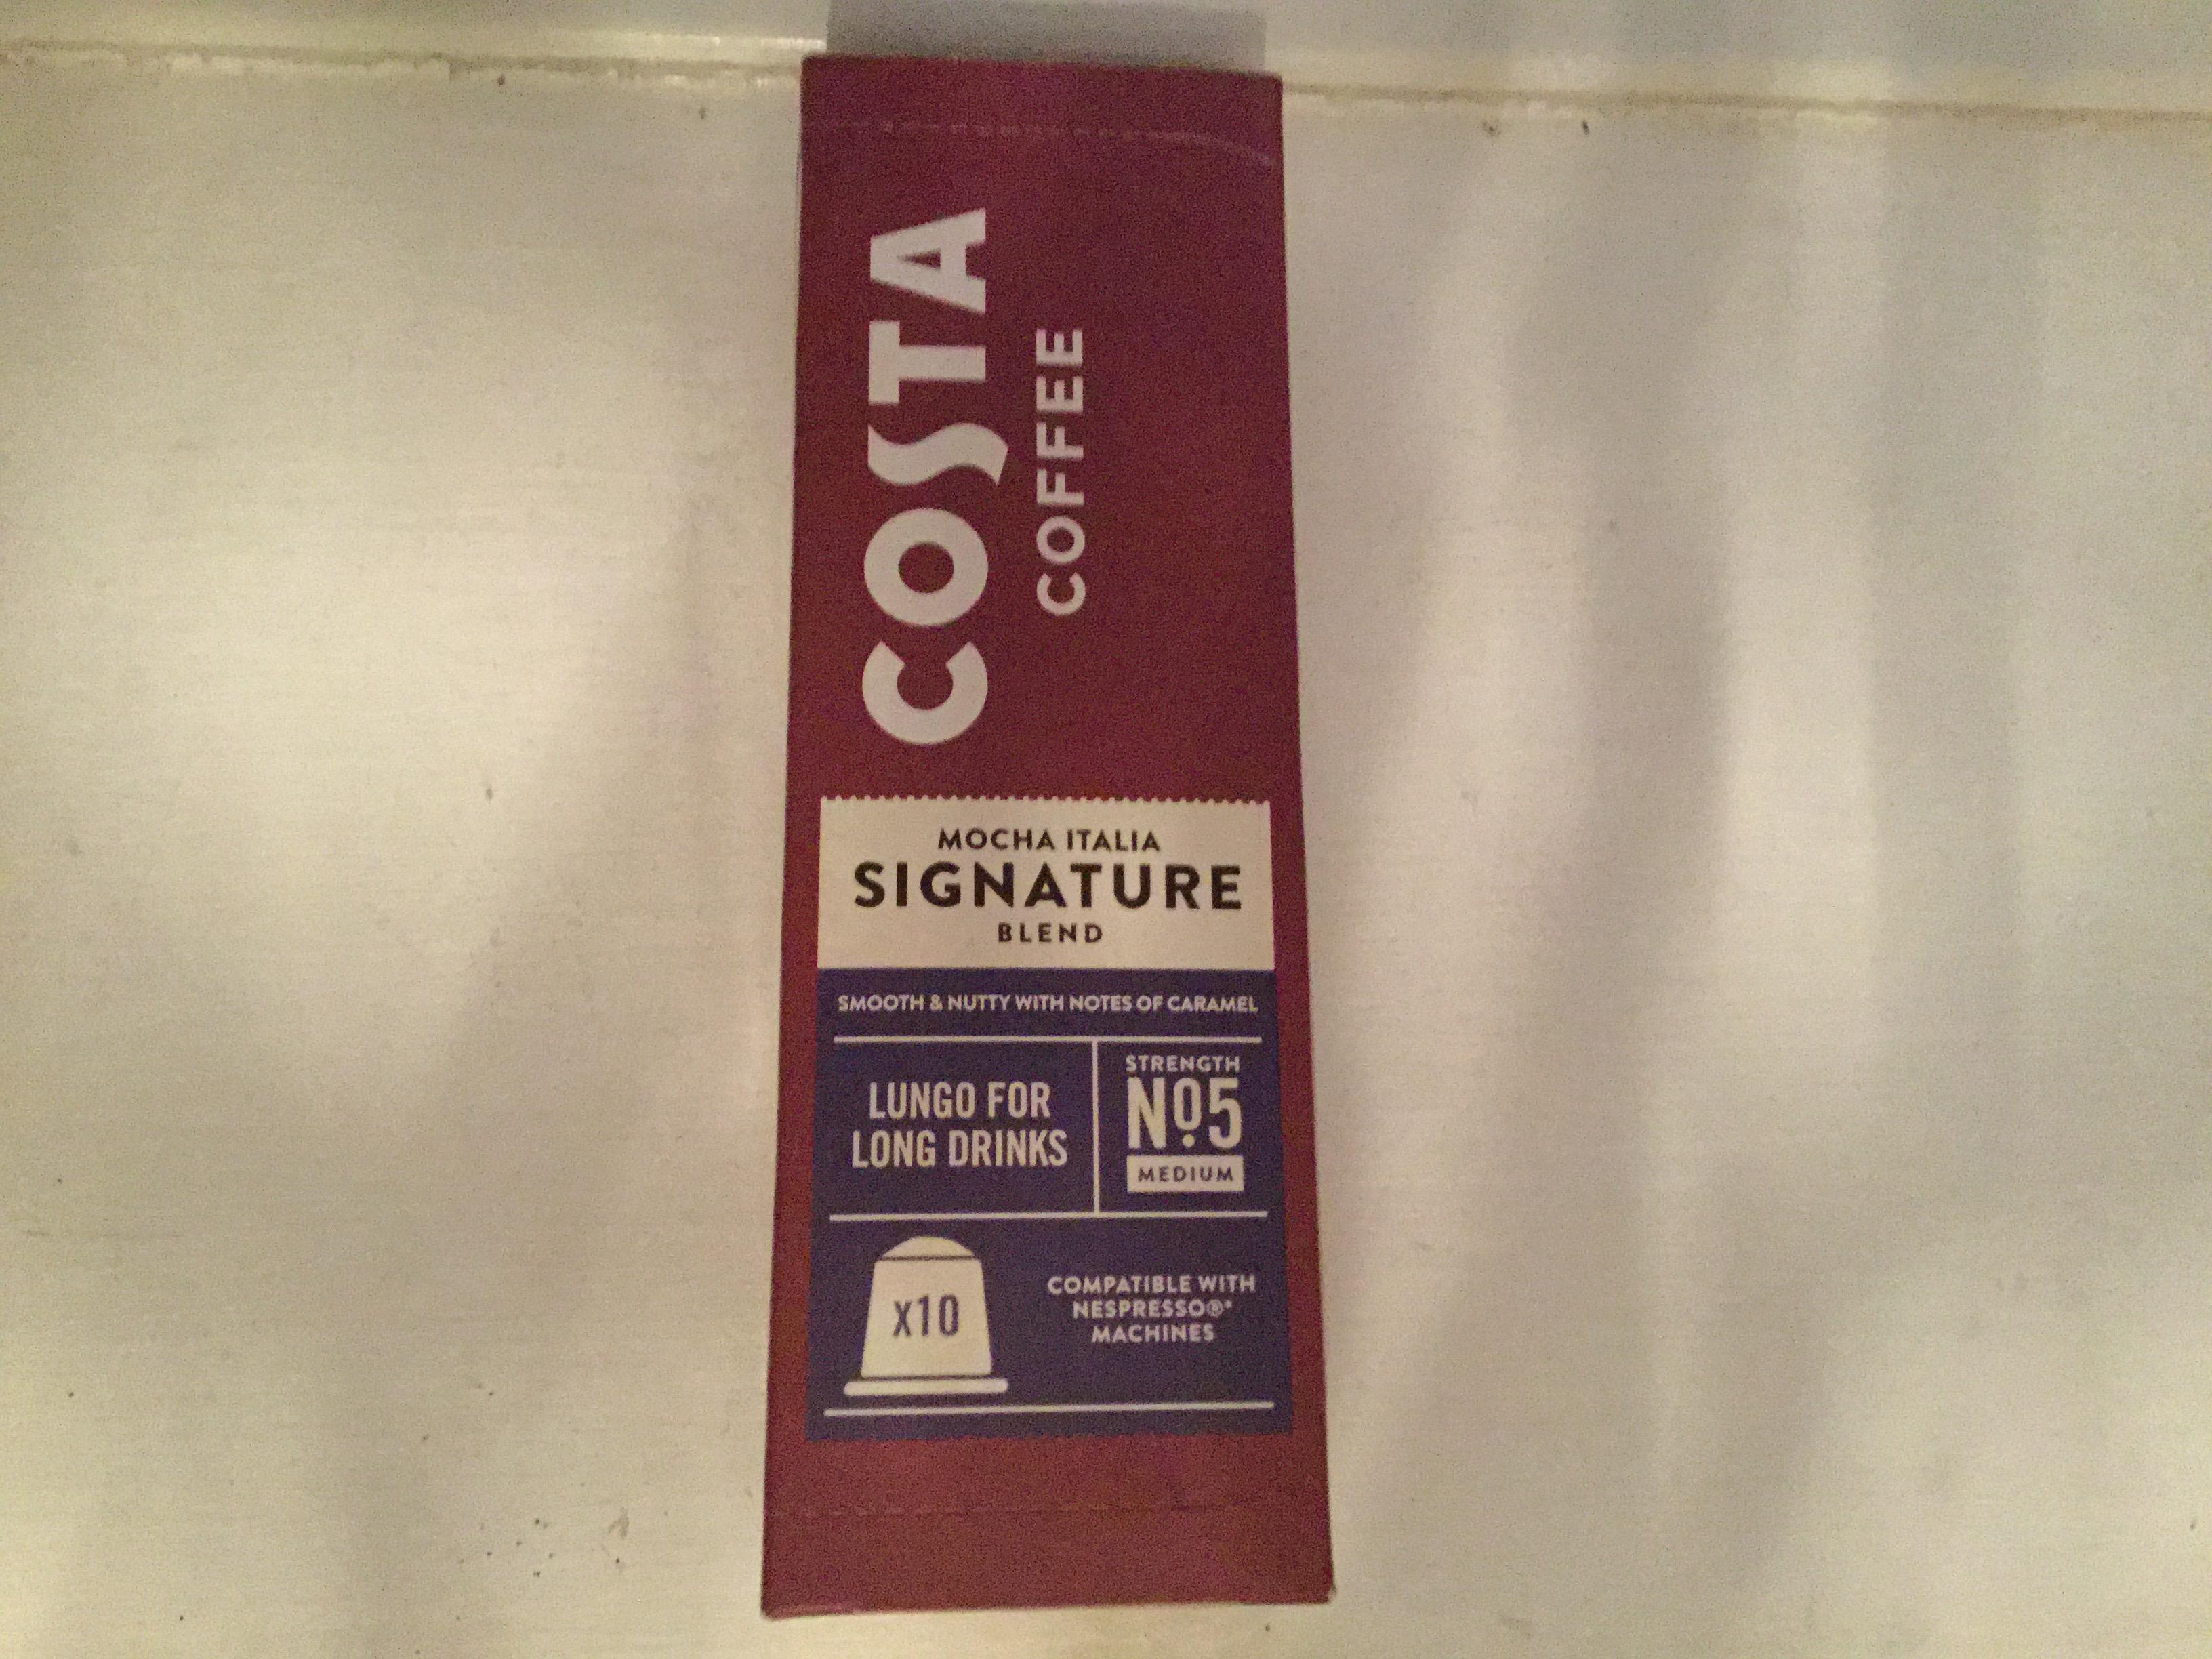 Costa Coffee nespresso pods £3